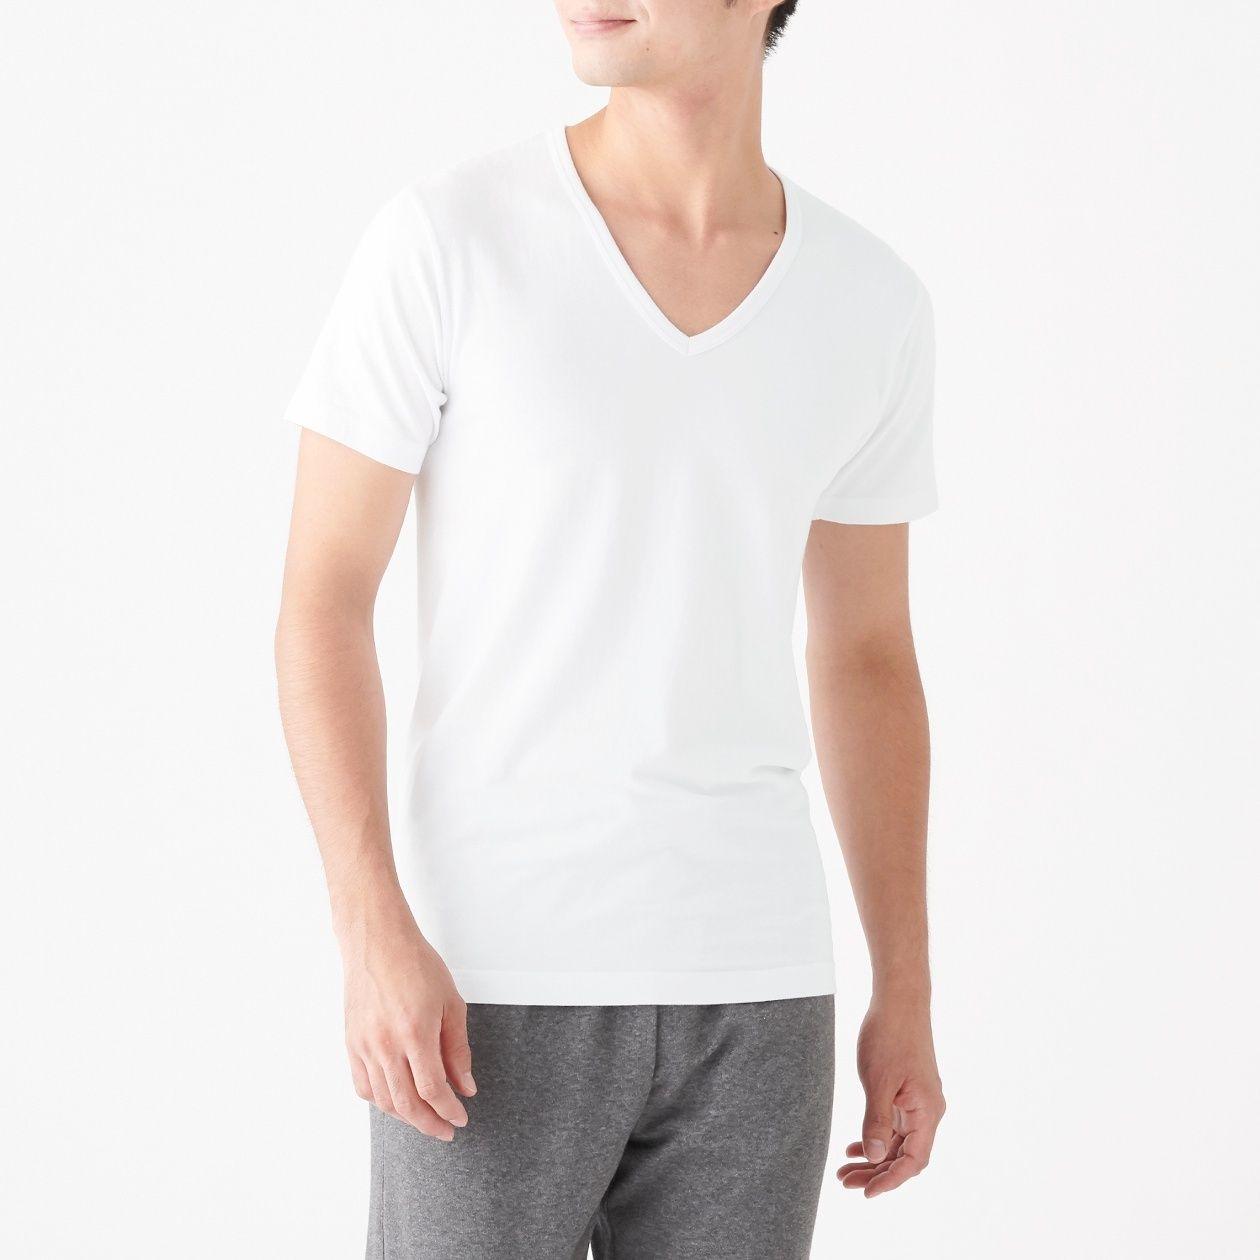 綿であったかVネック半袖Tシャツスタイル写真